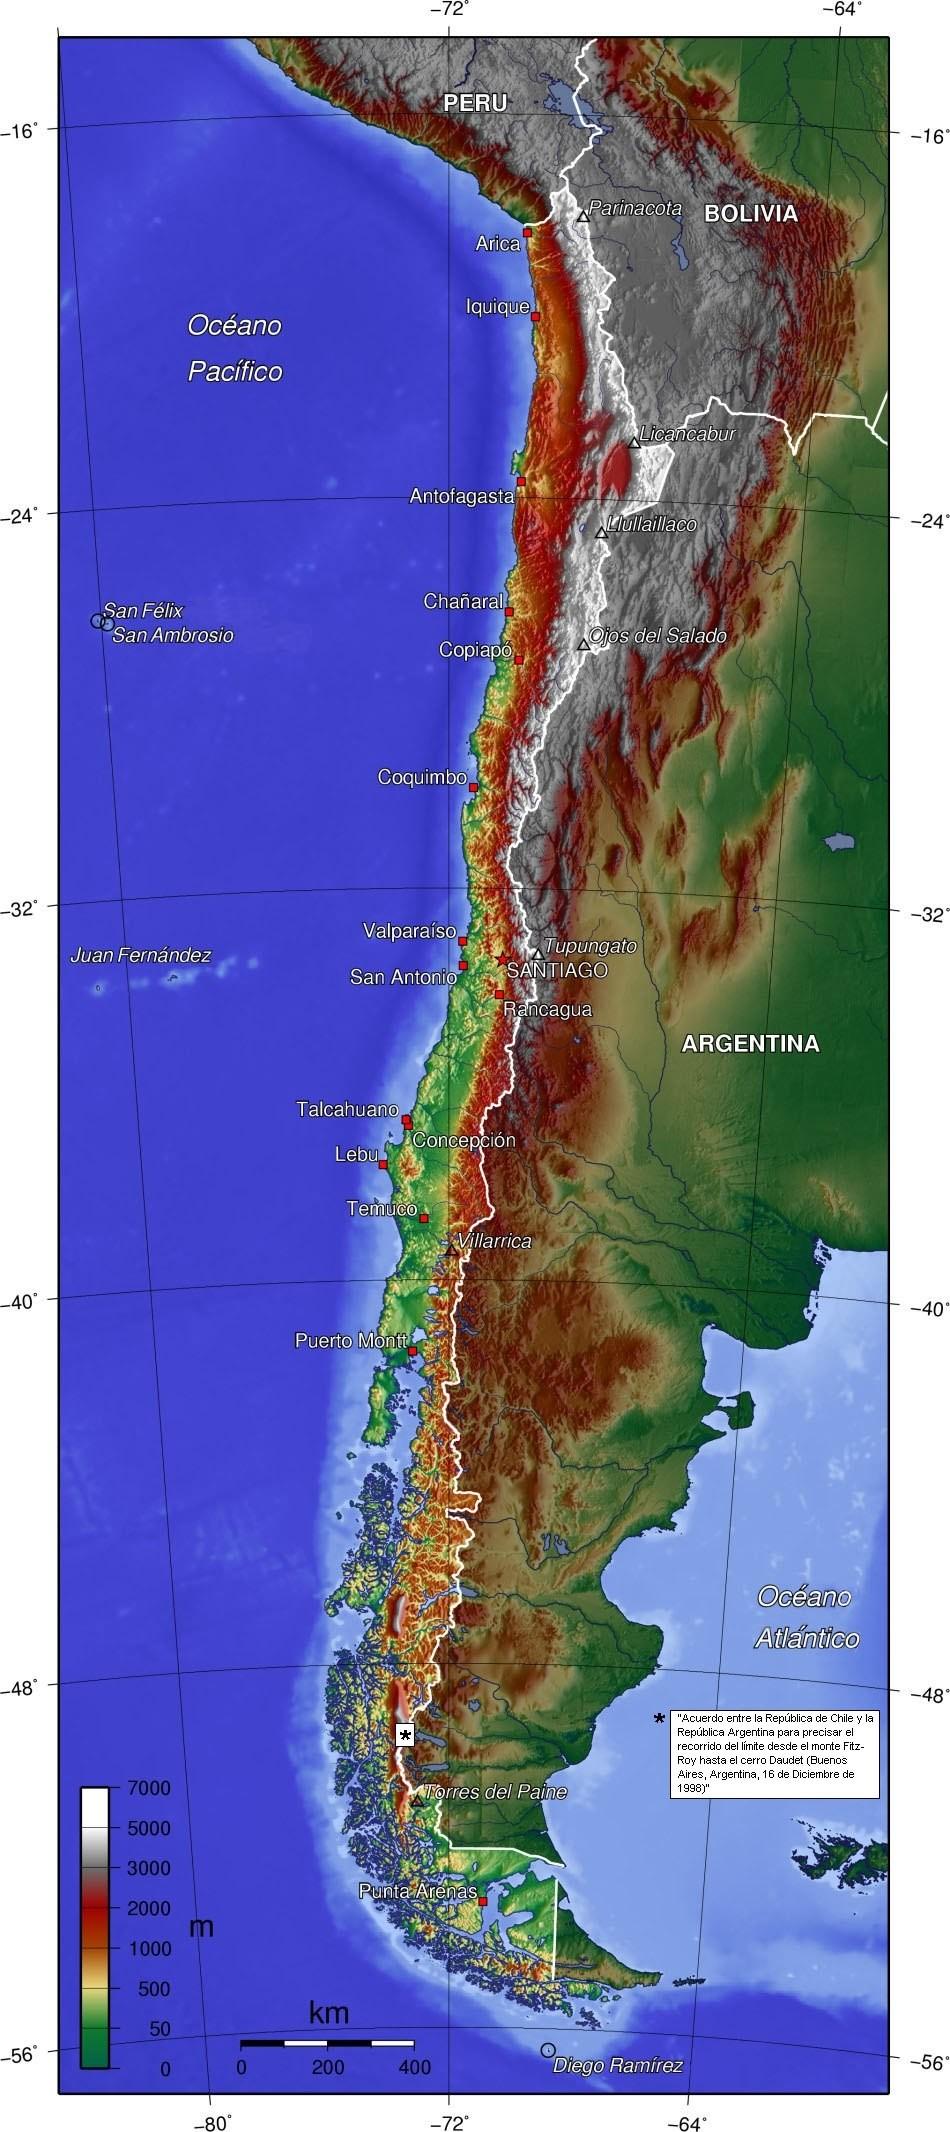 Calendario 2020 Argentina Más Recientes Chile Howling Pixel Of Calendario 2020 Argentina Más Recientes Calendario Diciembre De 2019 53ld Calendario T